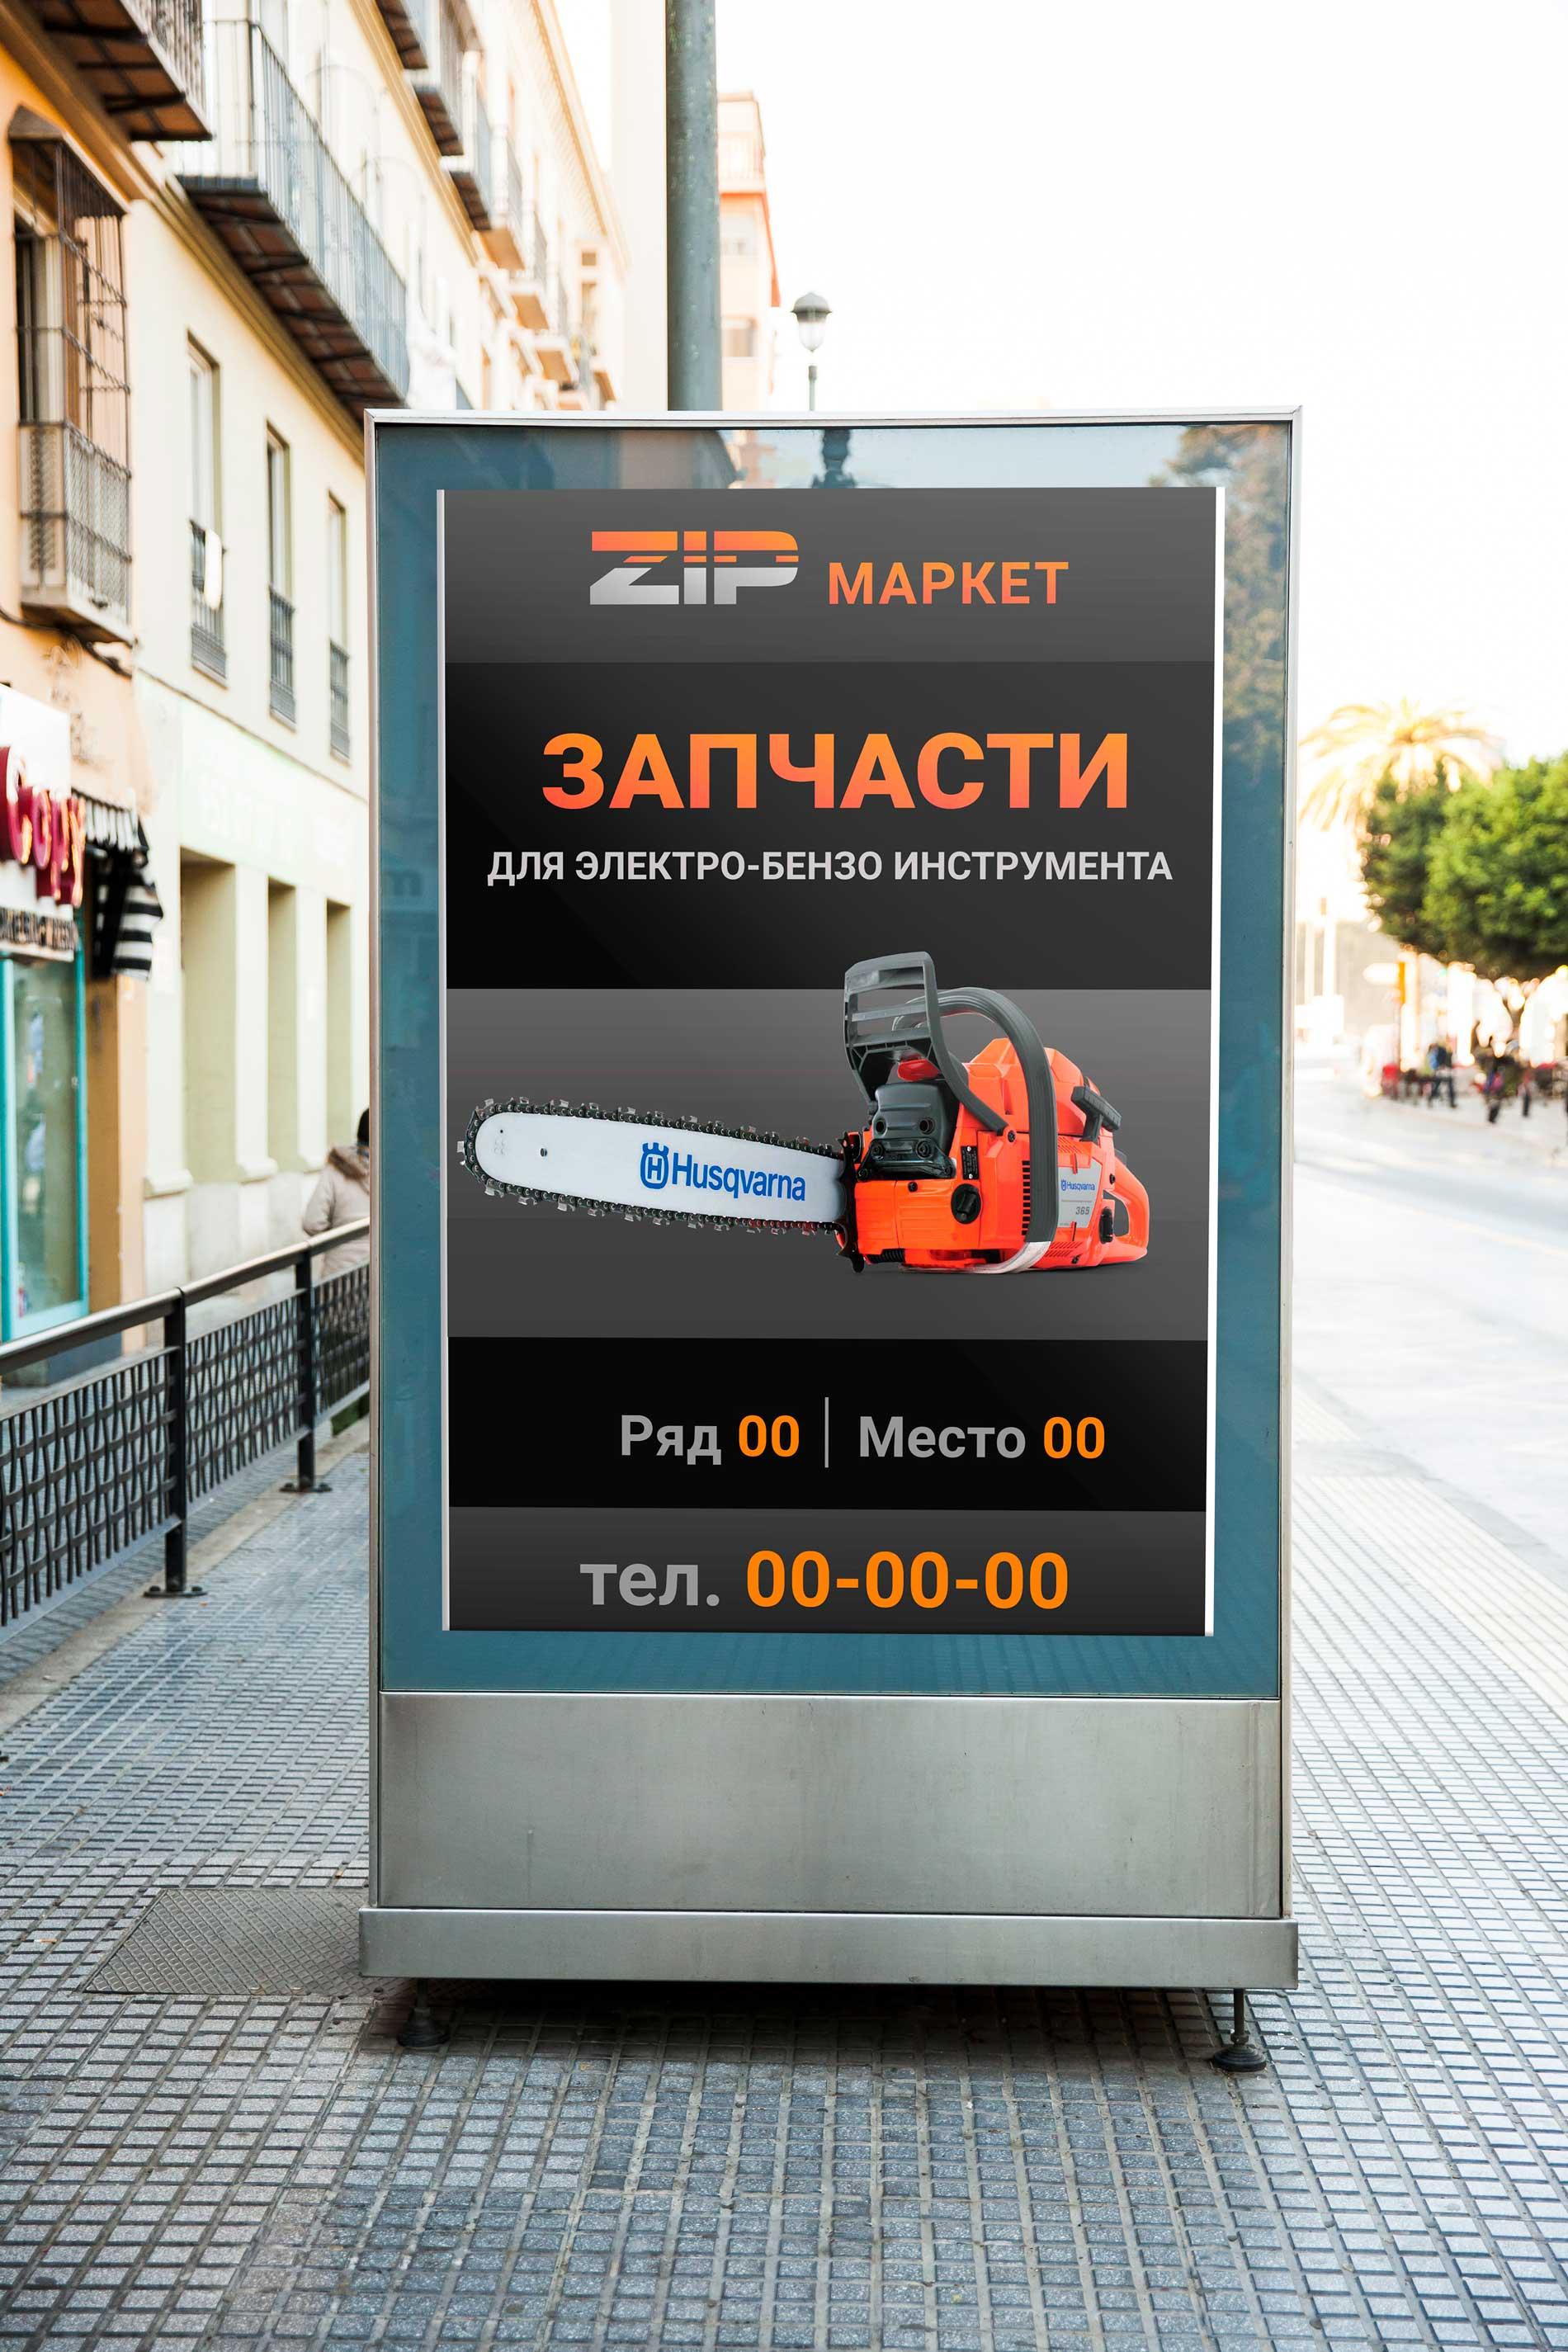 E7006d6590